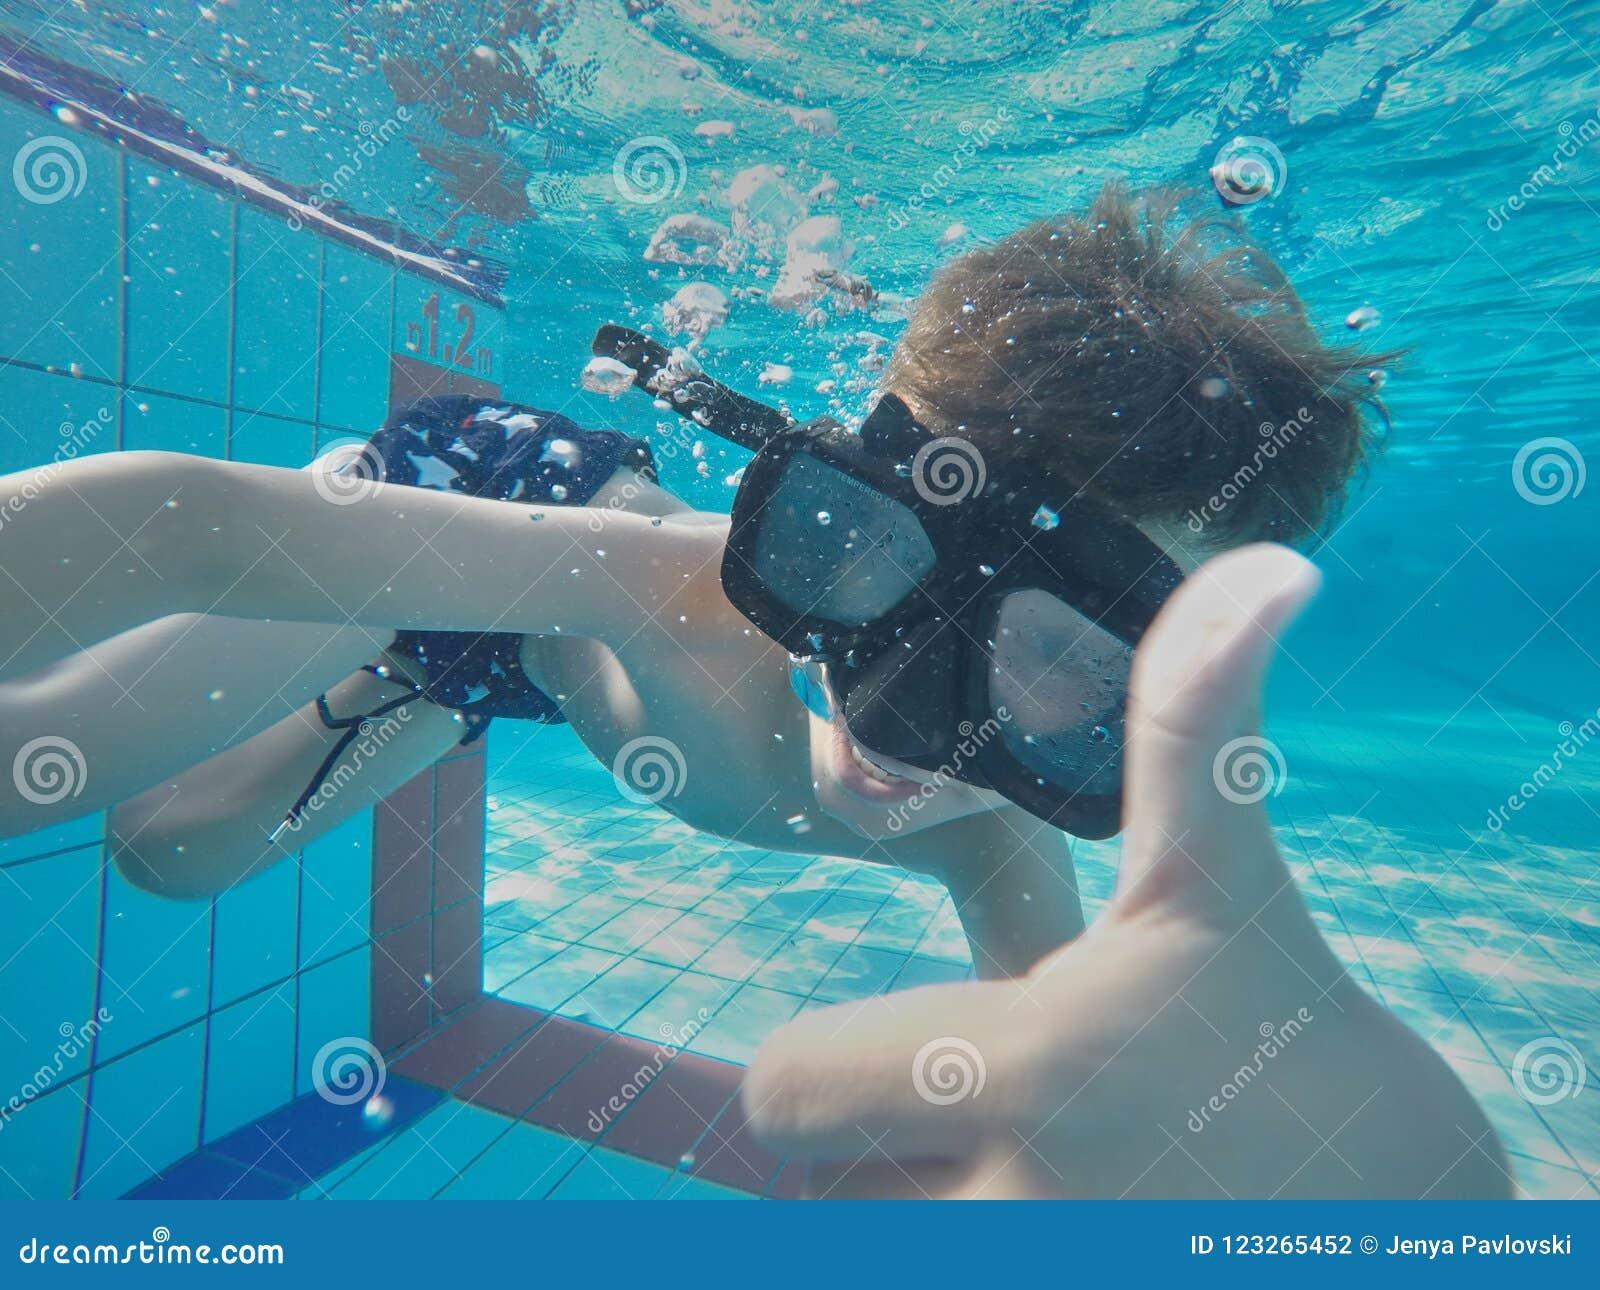 Giovane divertimento subacqueo del ragazzo nella piscina con gli occhiali di protezione Divertimento di vacanze estive